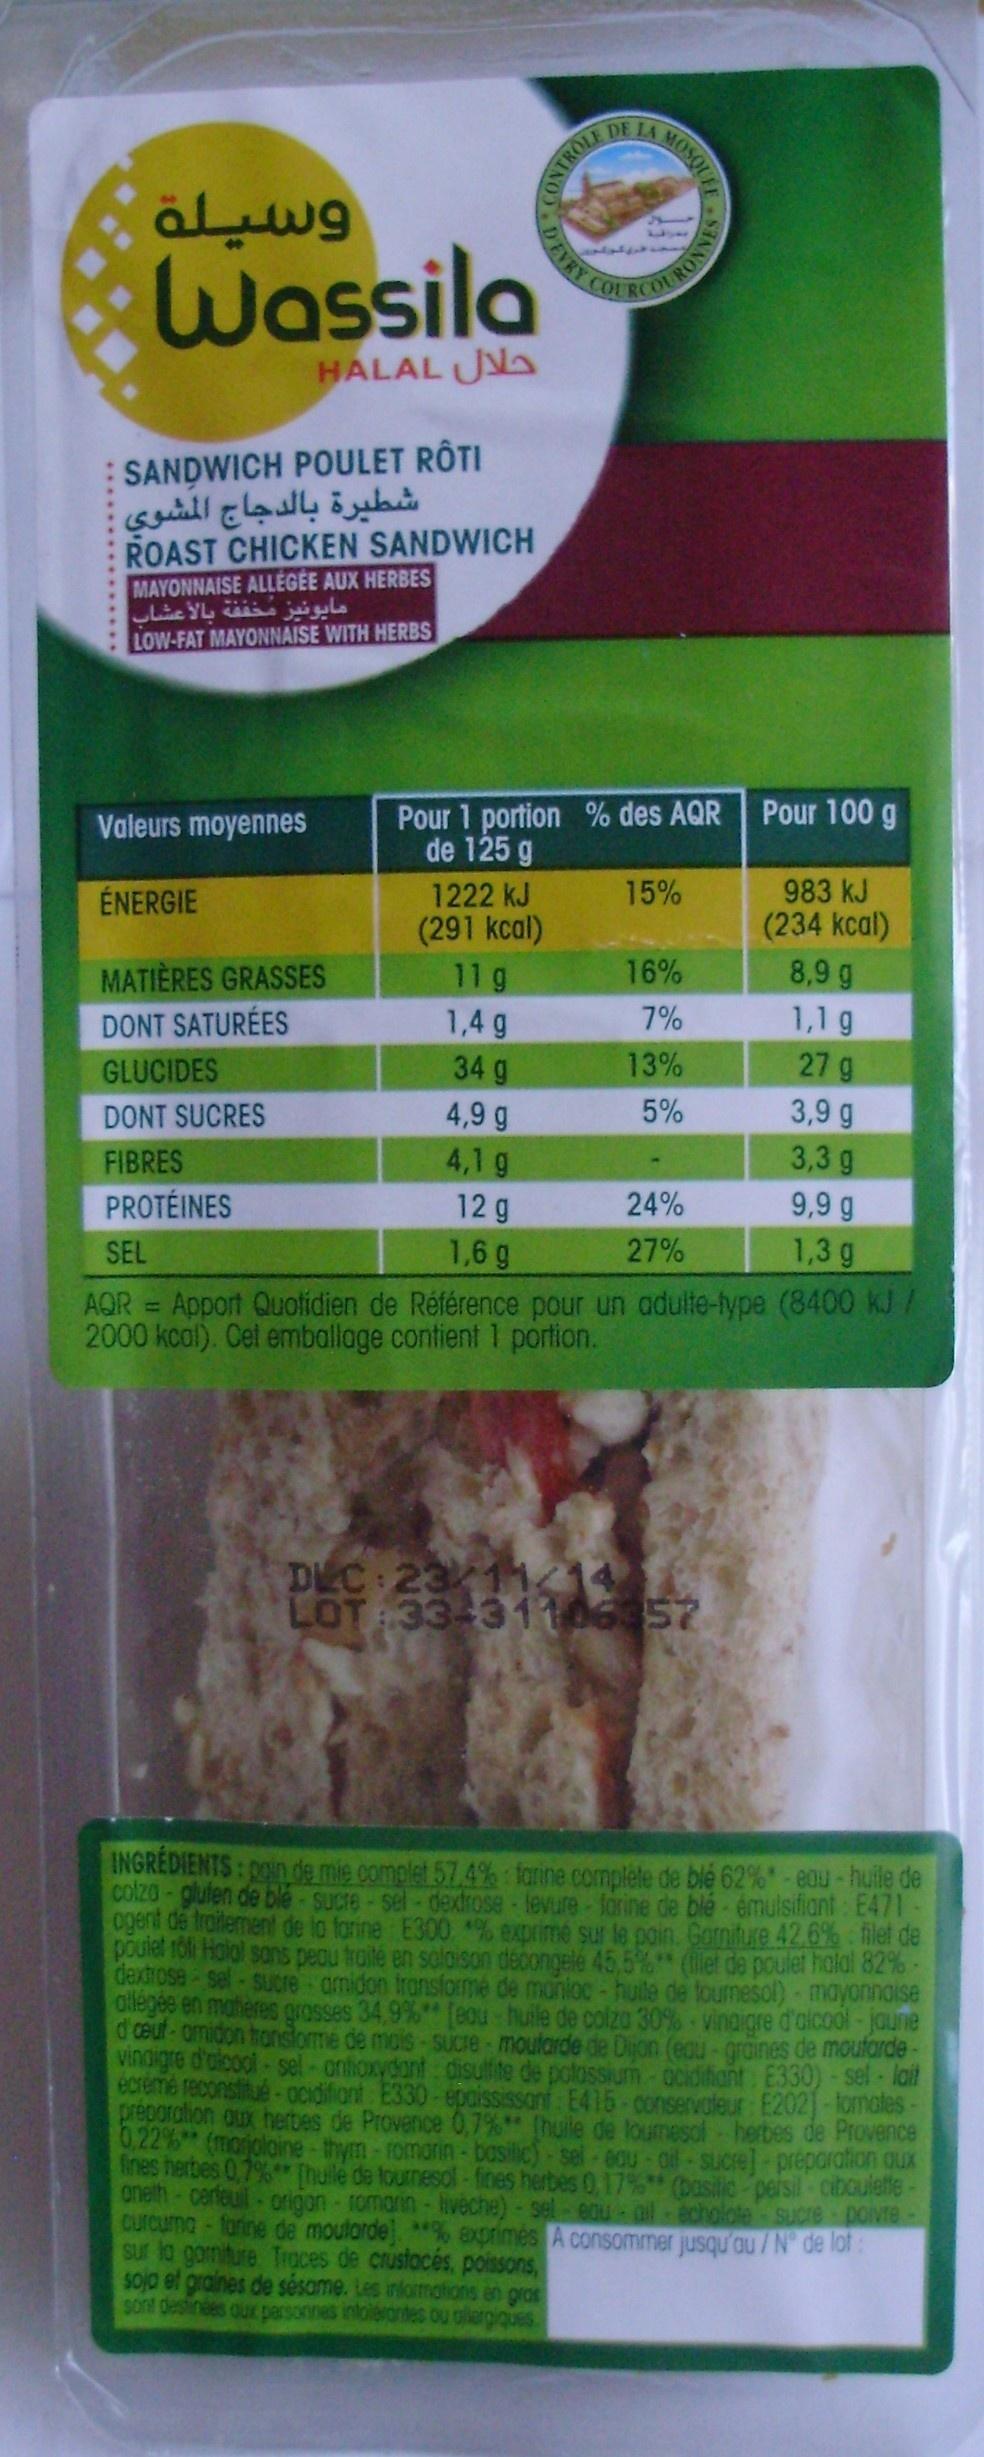 Sandwich Poulet rôti - Product - fr